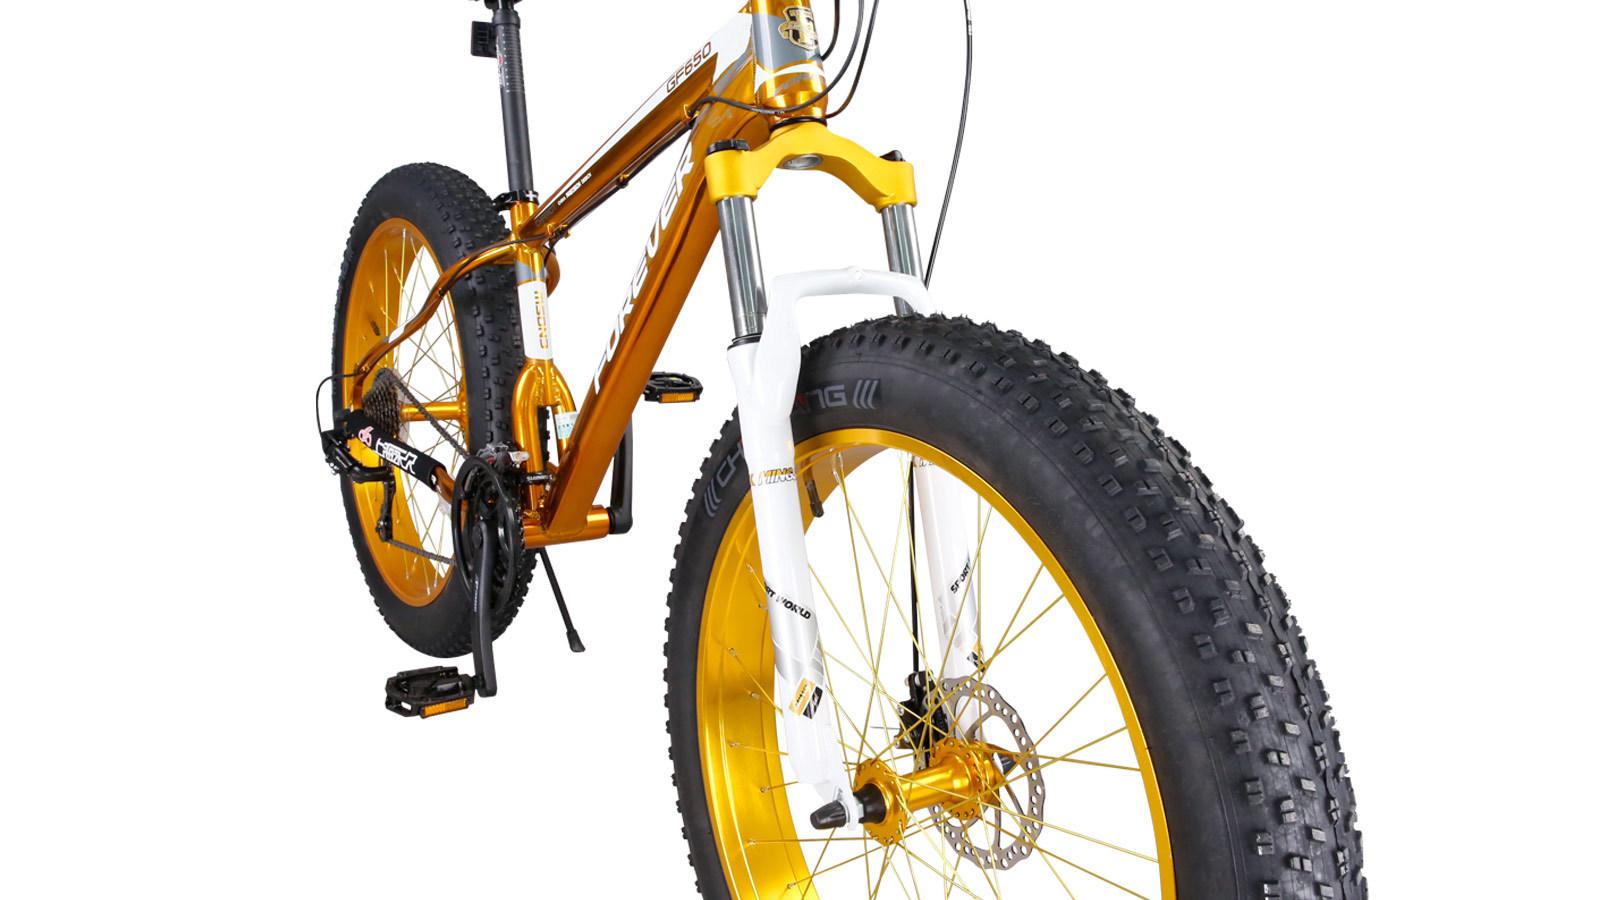 вилка переднего колеса фэтбайка